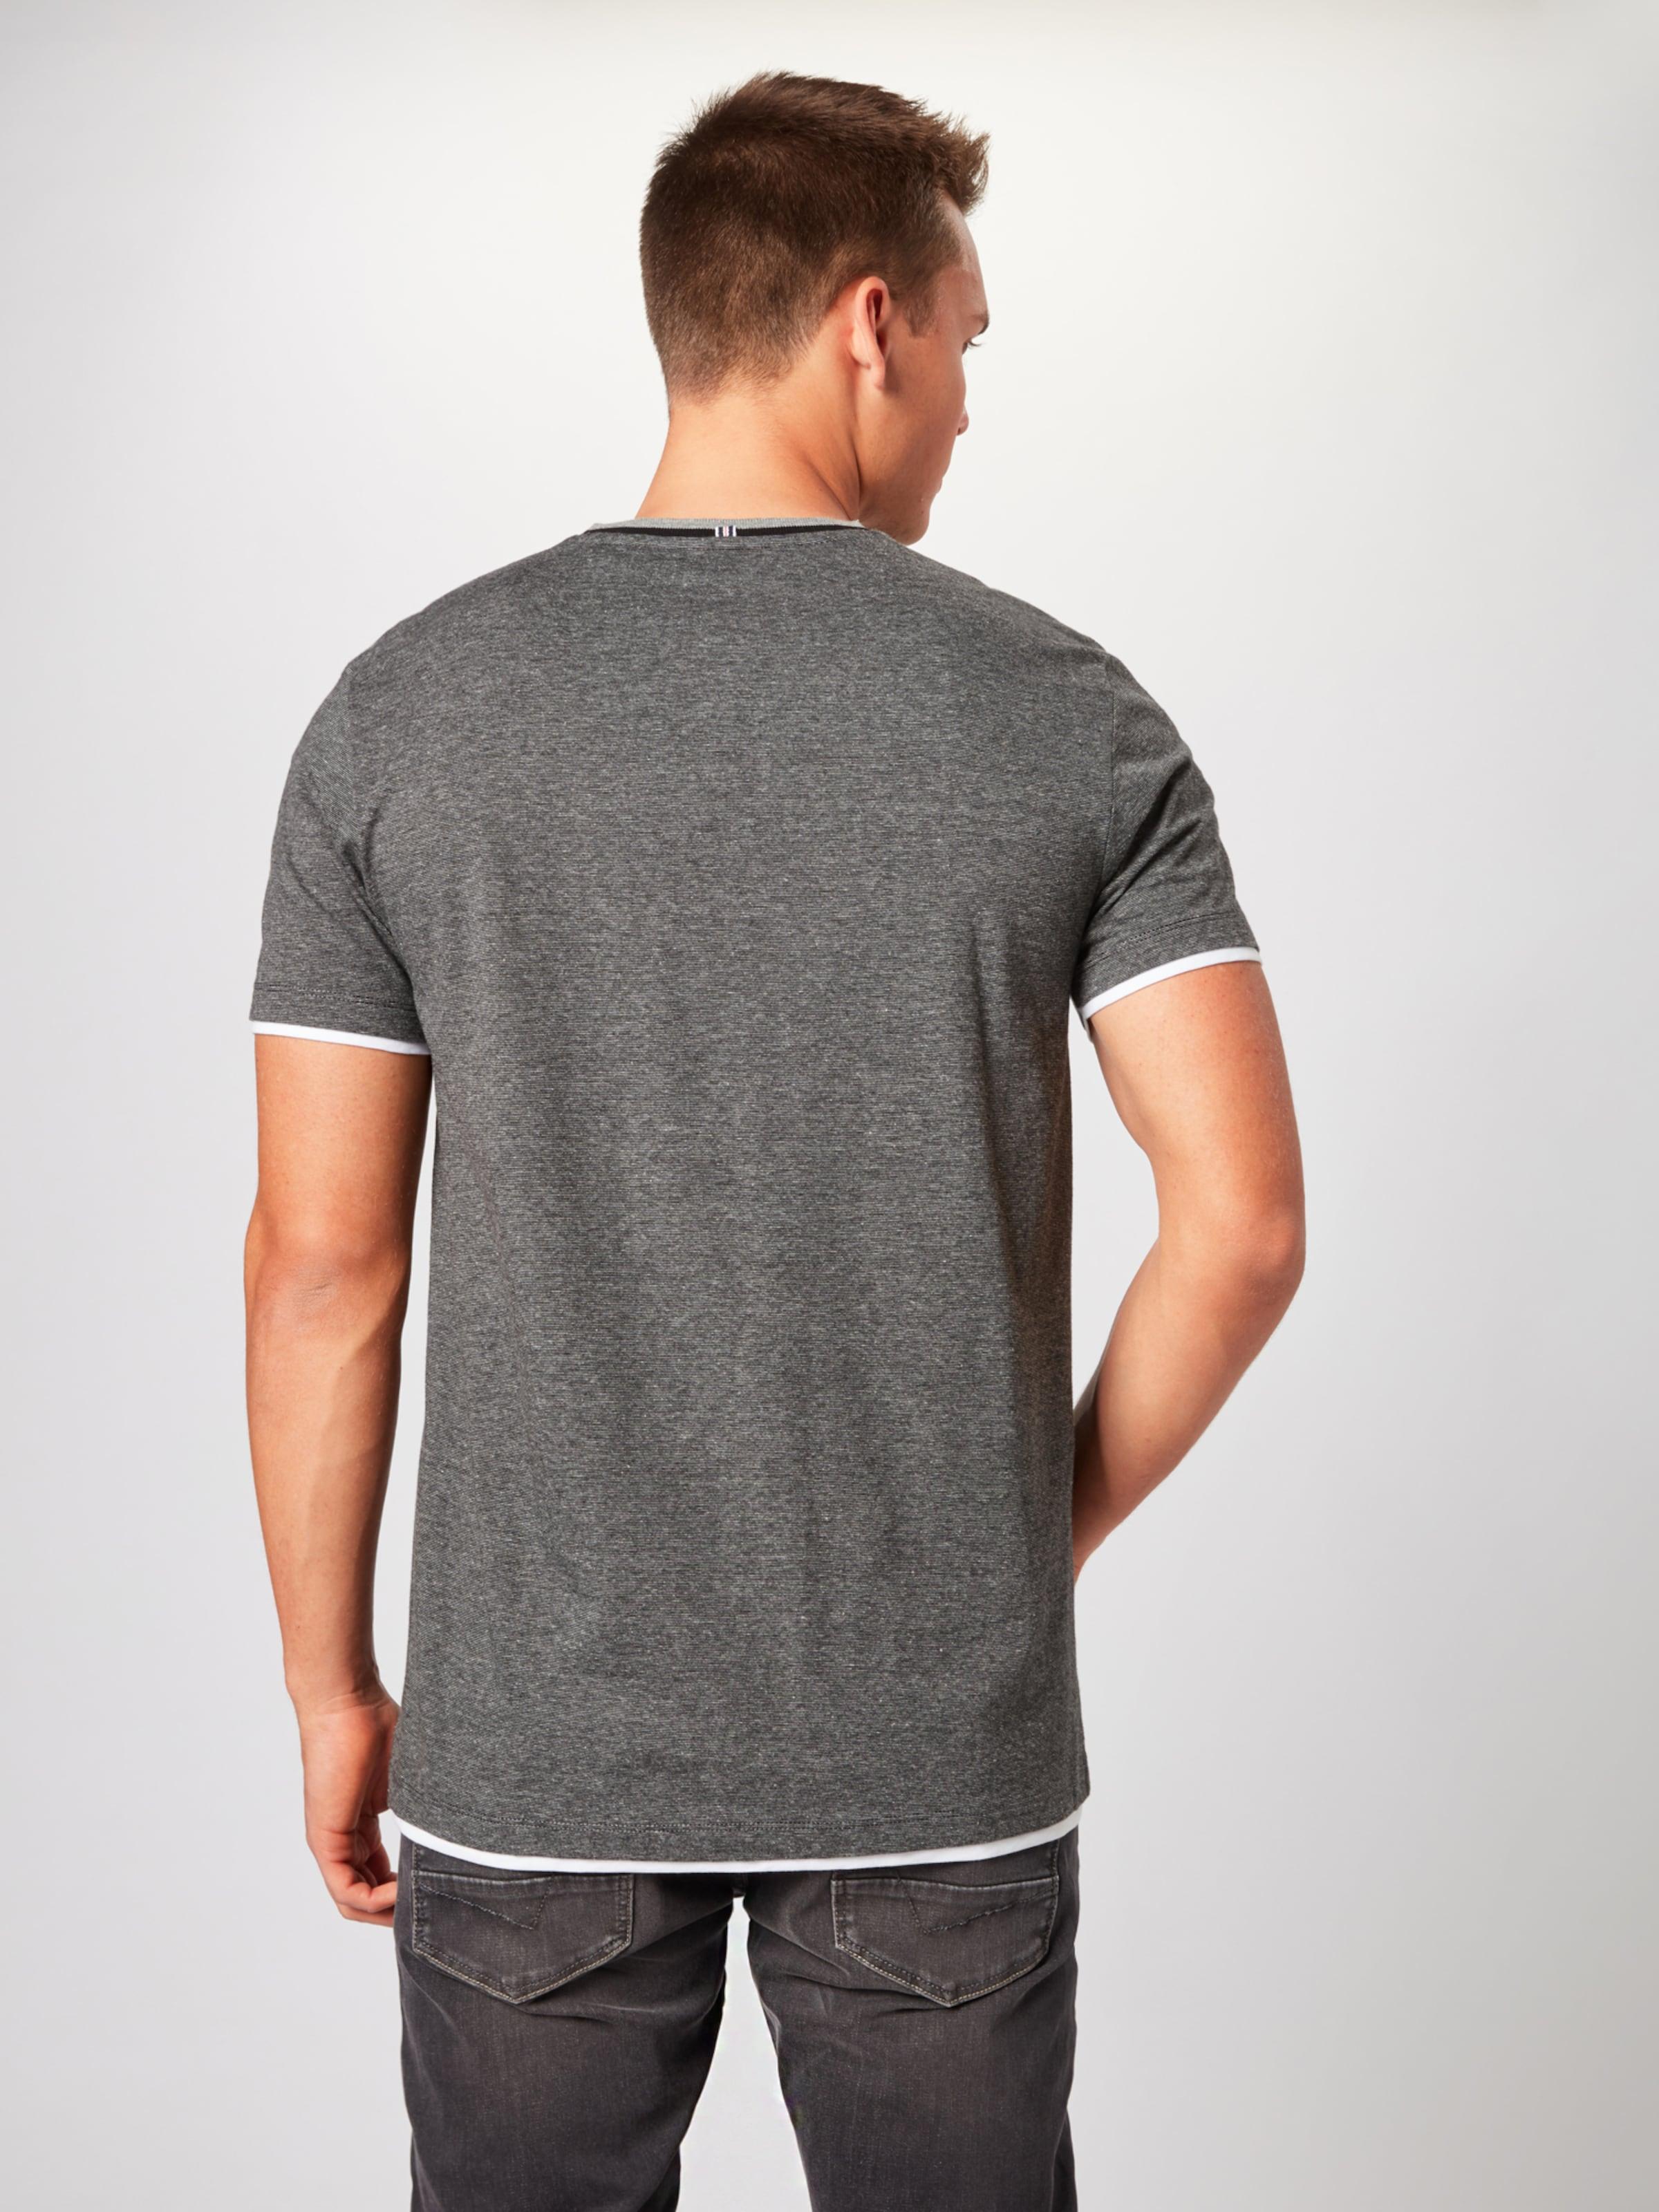 En En Esprit Anthracite shirt Anthracite T T shirt Esprit srdohQCxtB